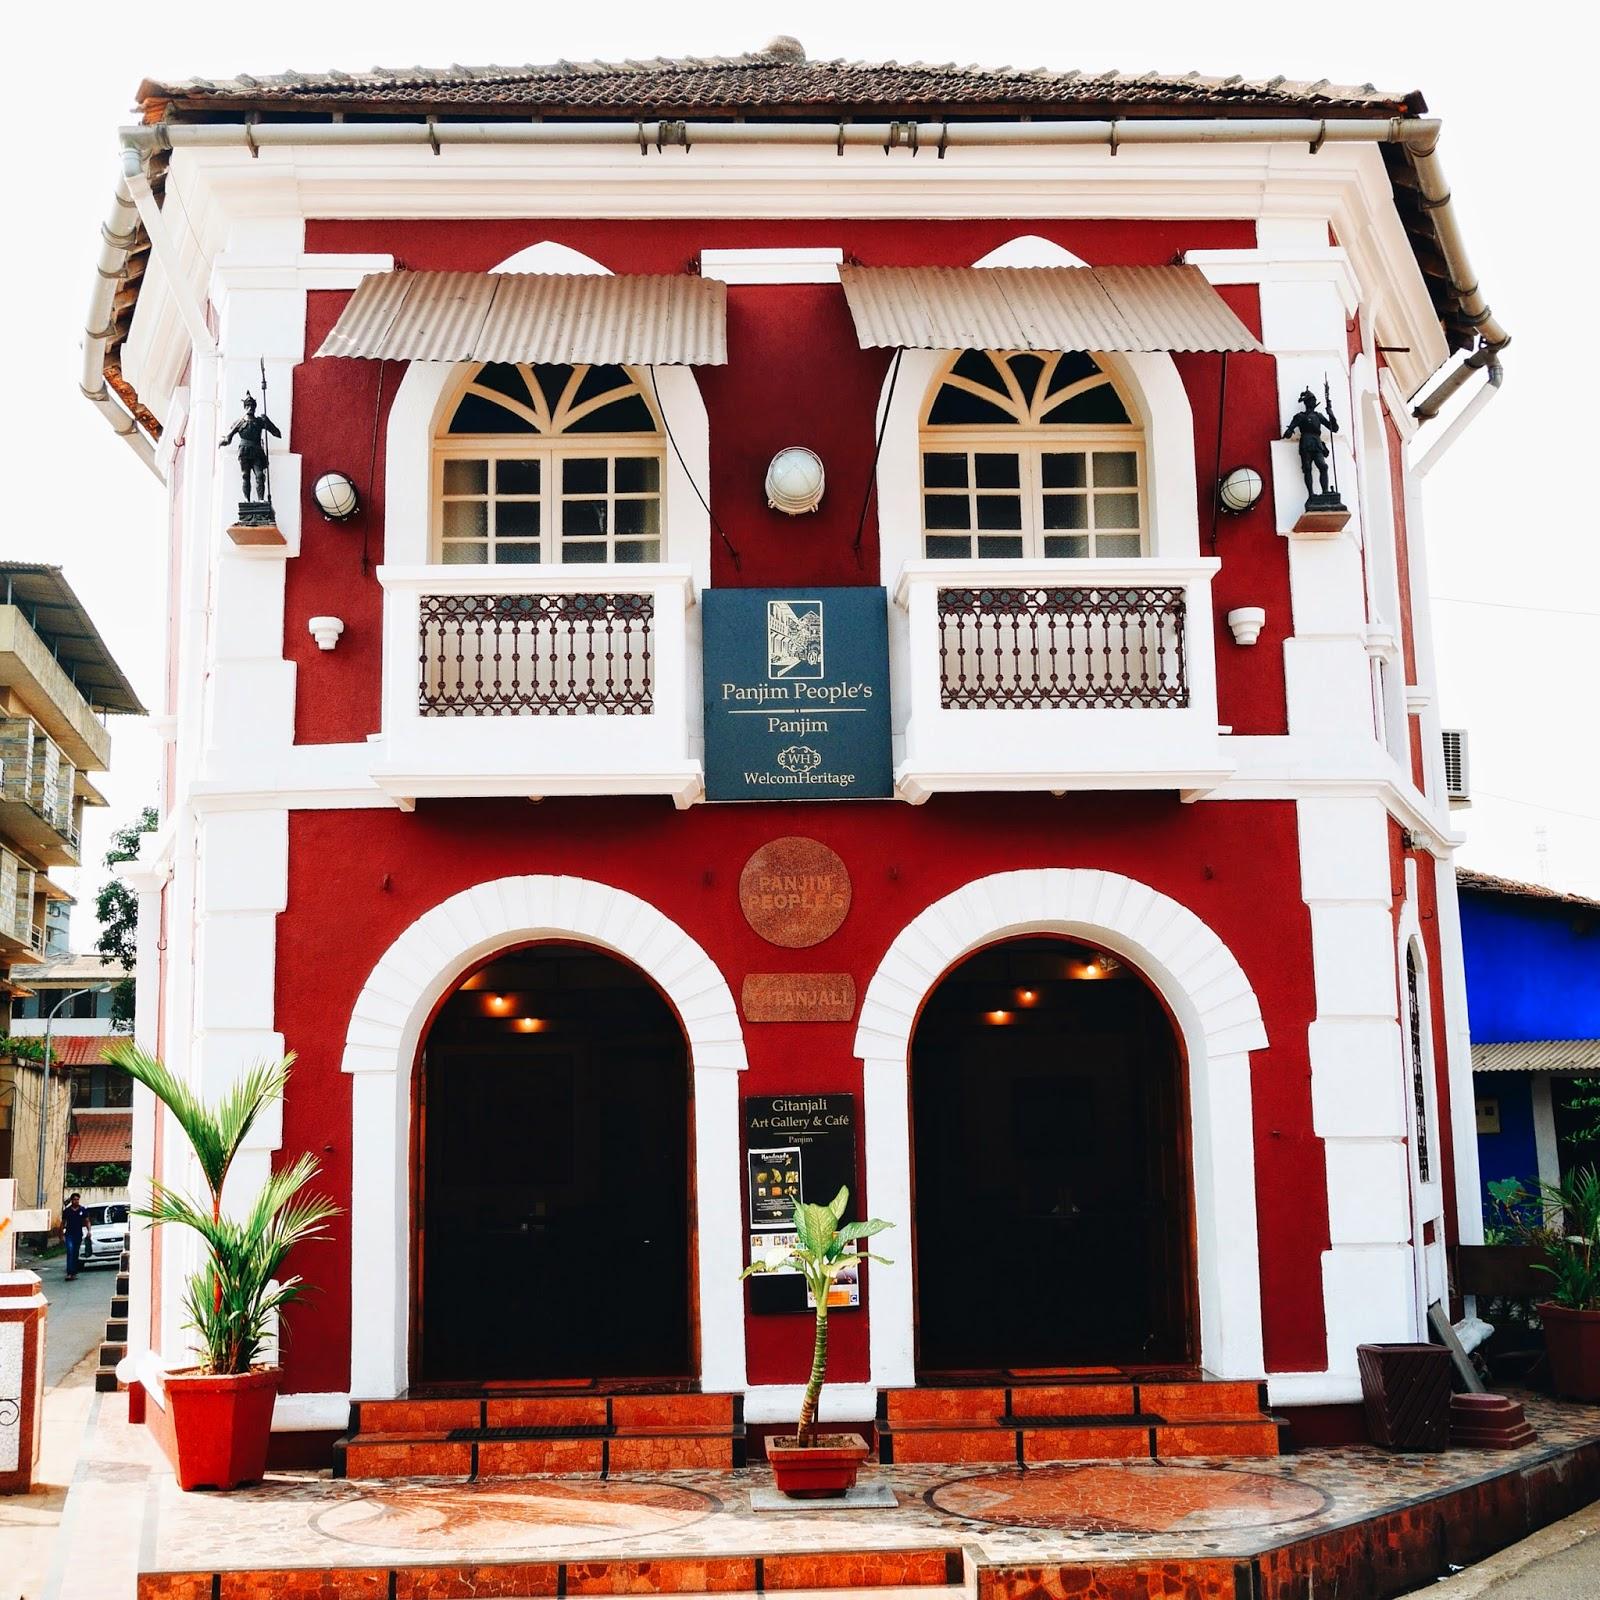 The Panjim Inn